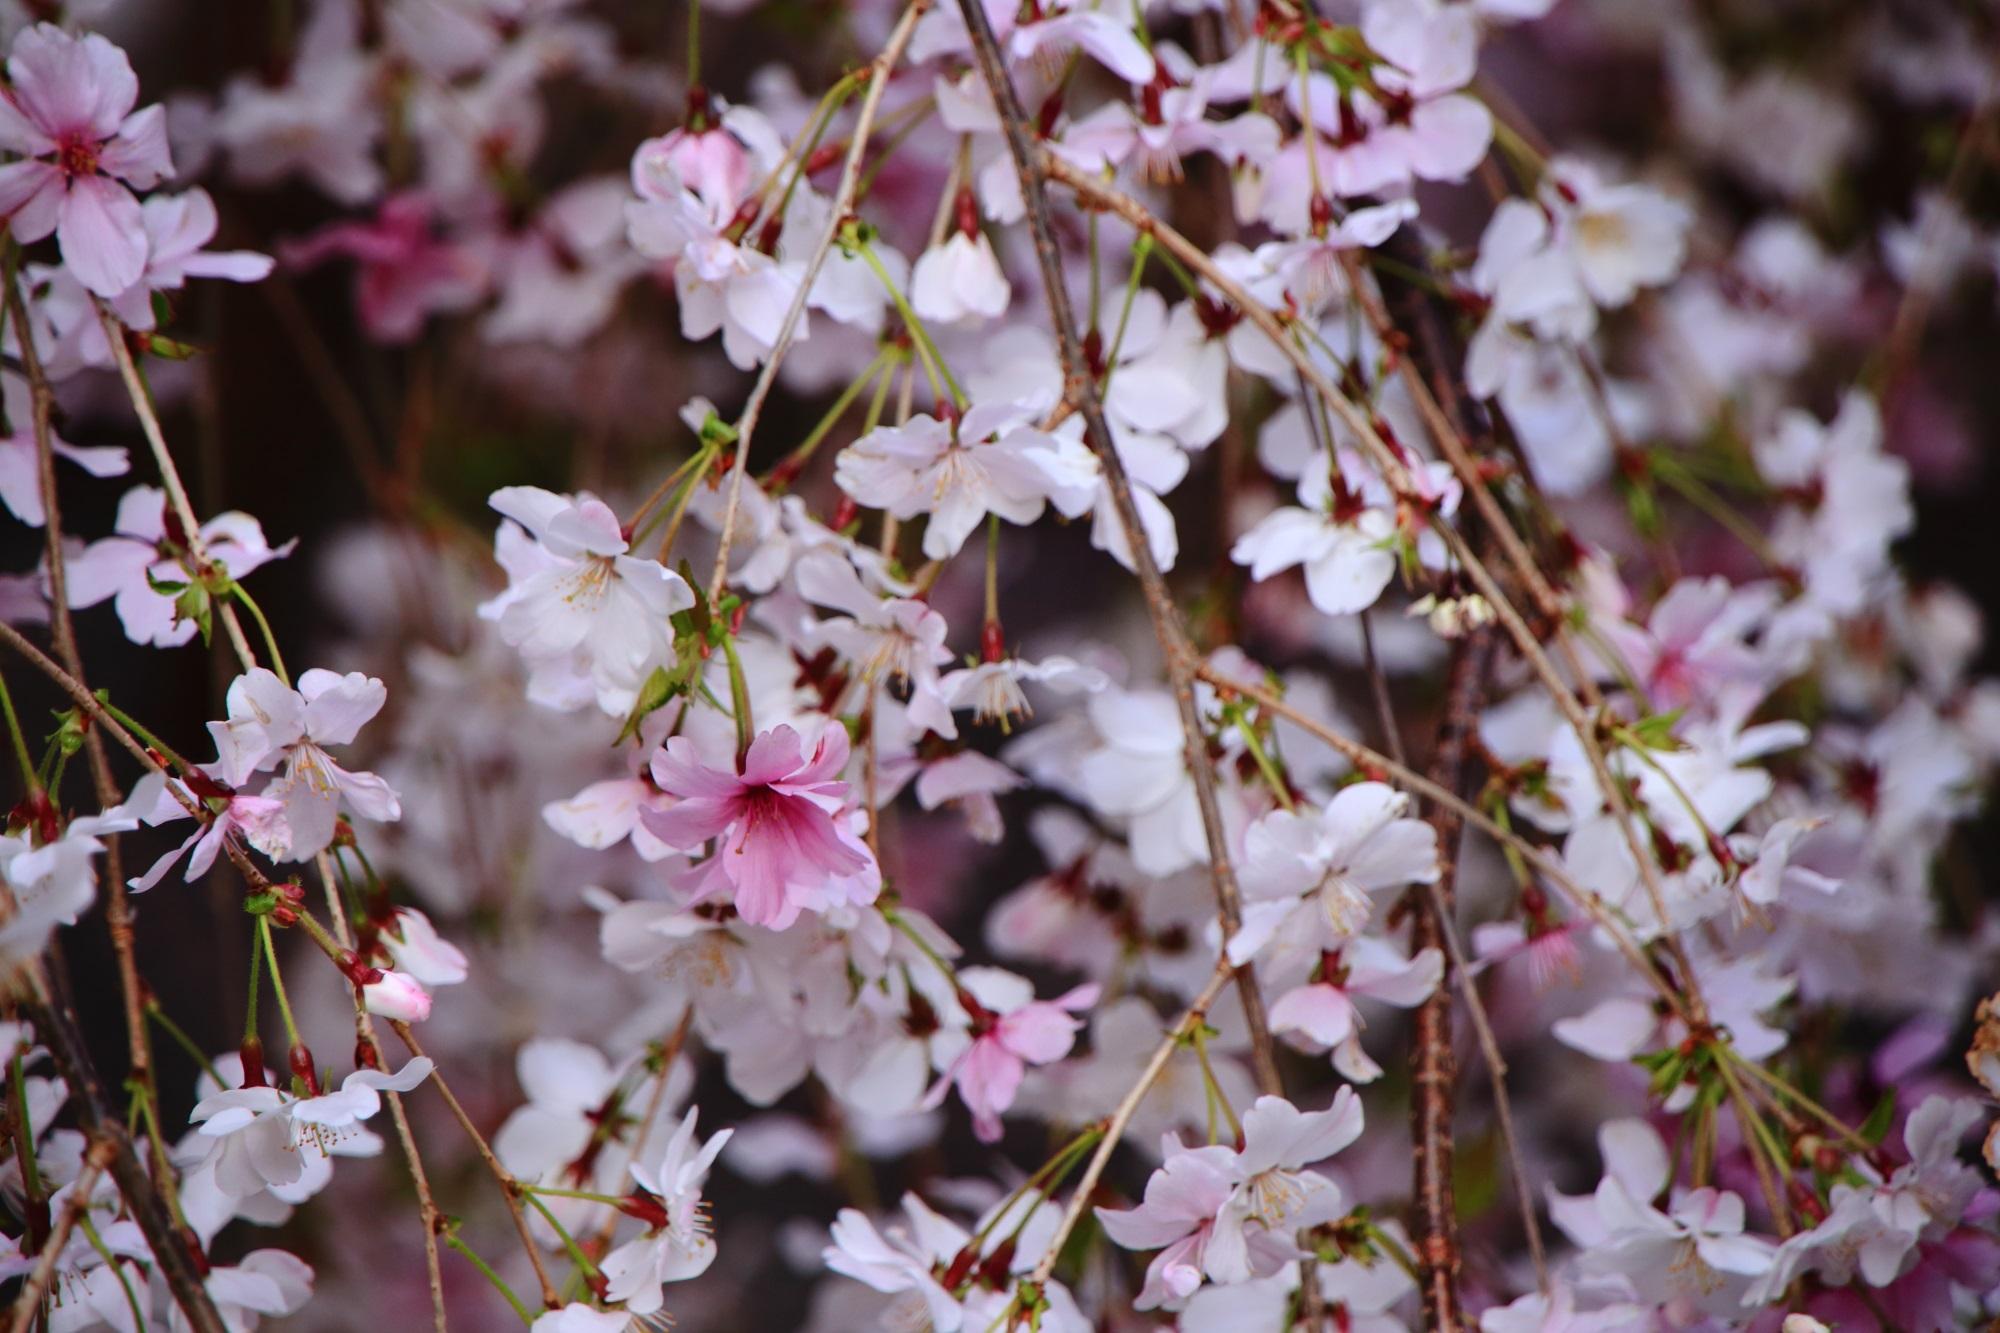 六角堂の白からピンクに変わる御幸桜(みゆき桜)